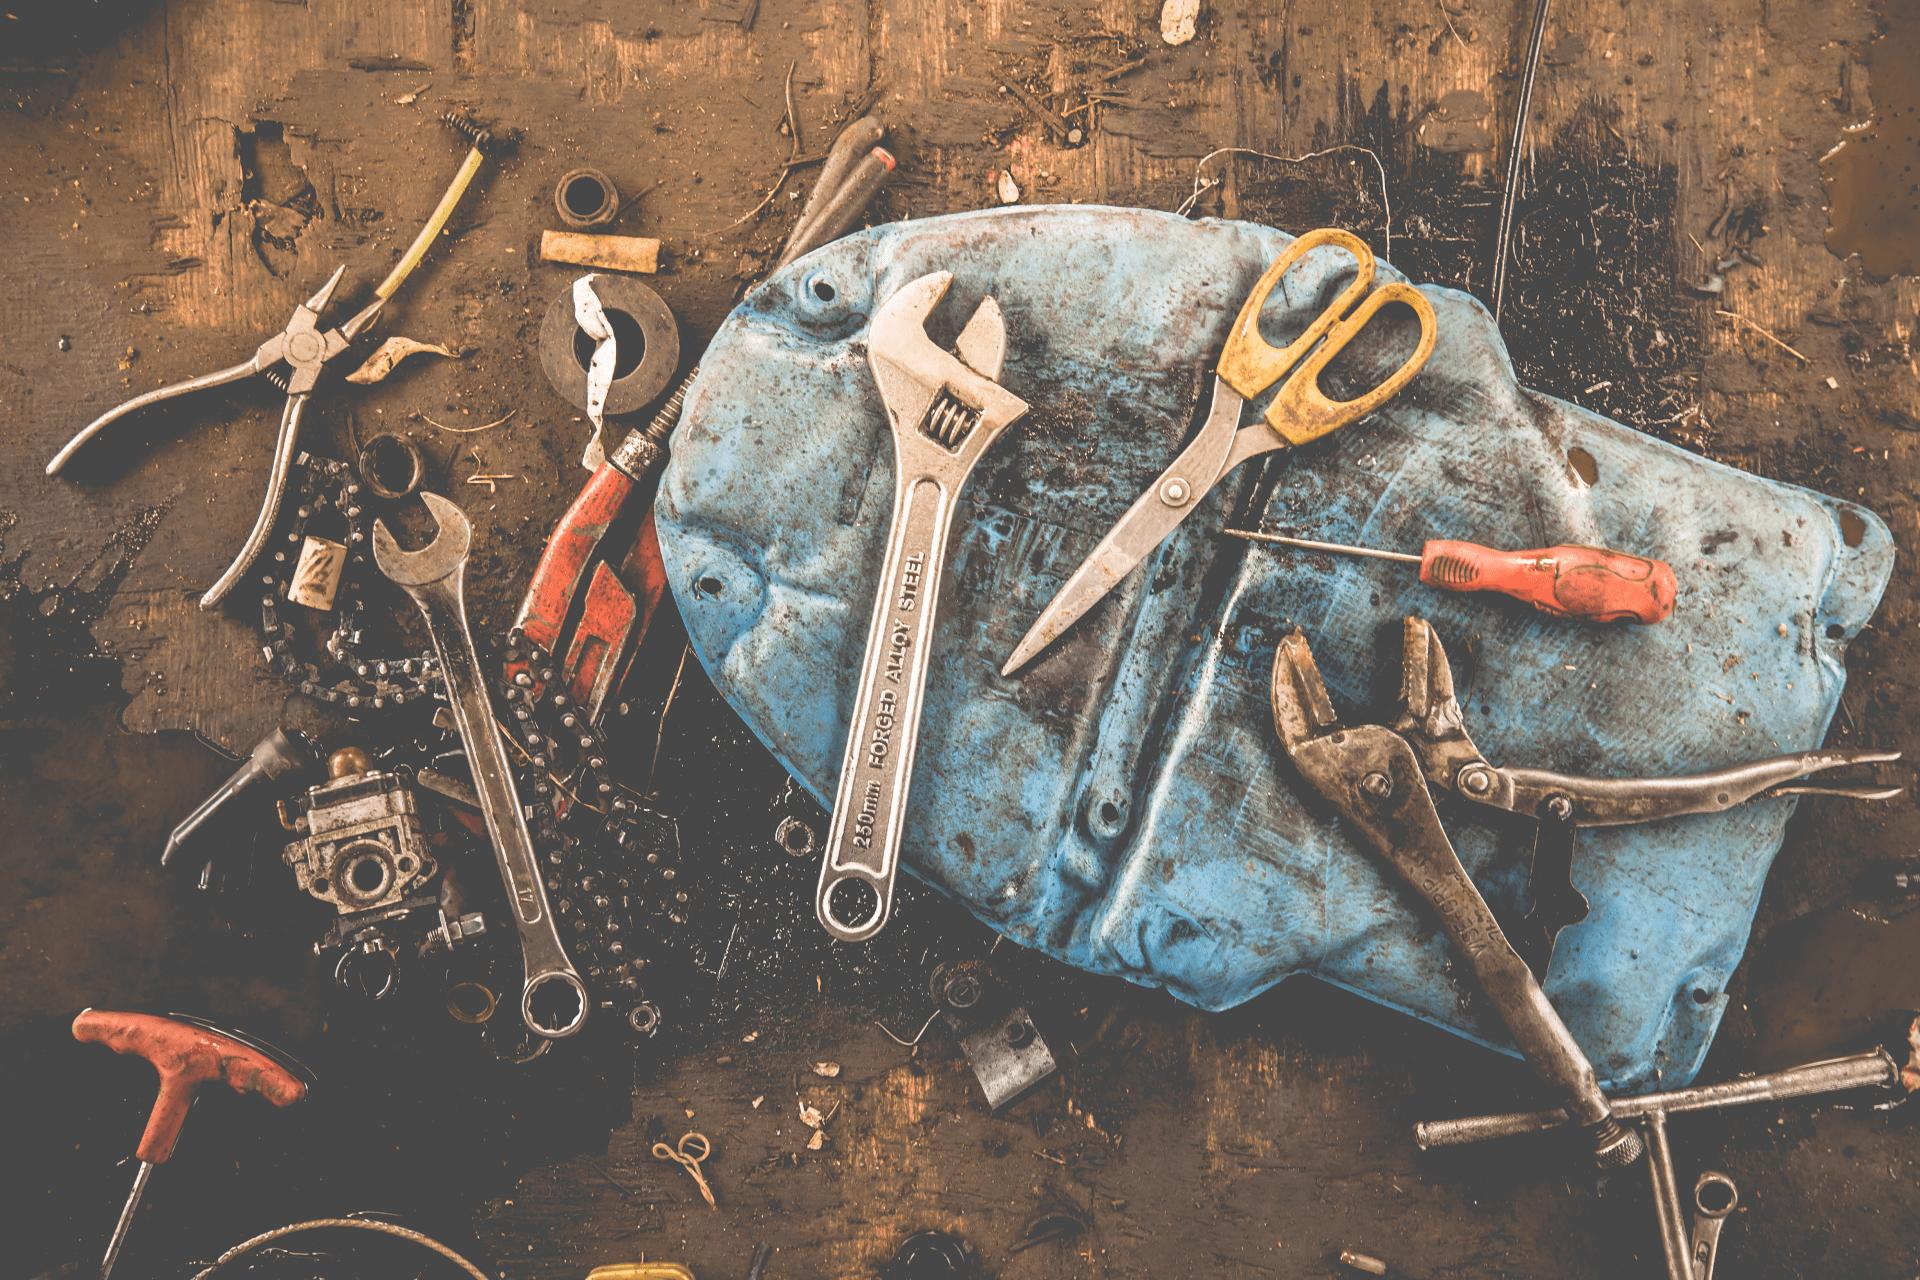 rust on tools